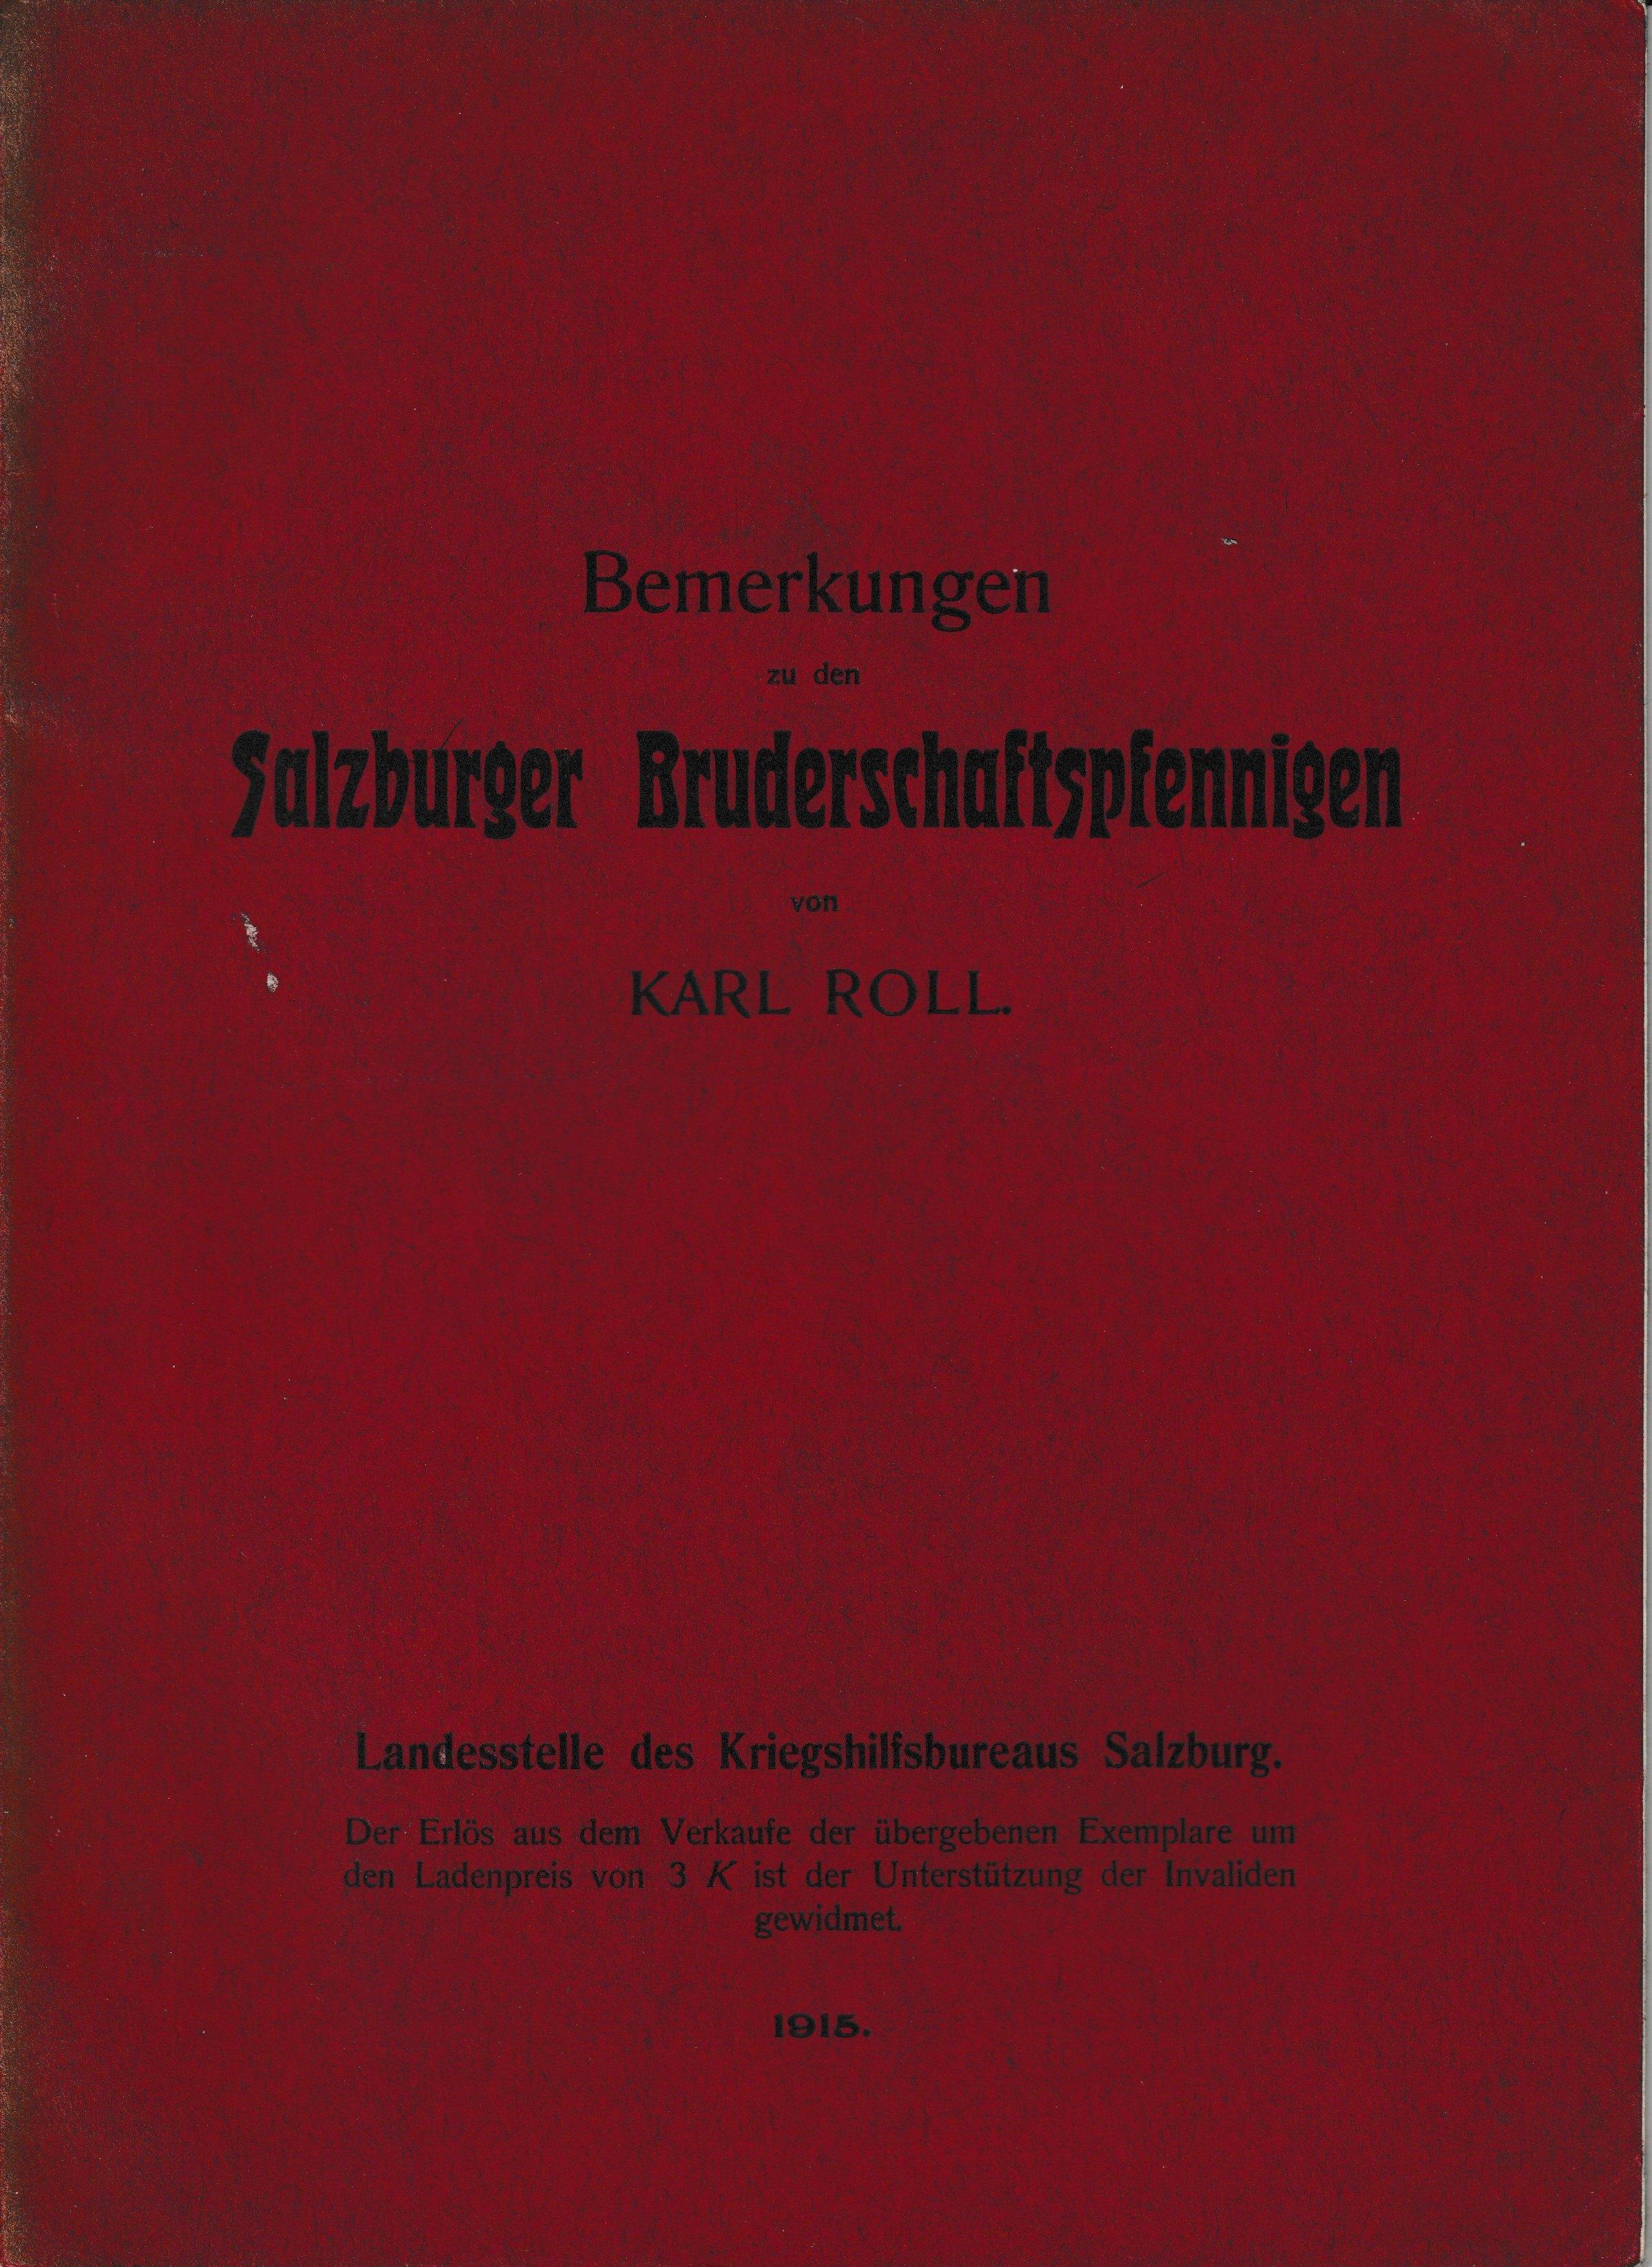 karl roll bemerkungen zu den salzburger bruderschaftspfennigen-pdf